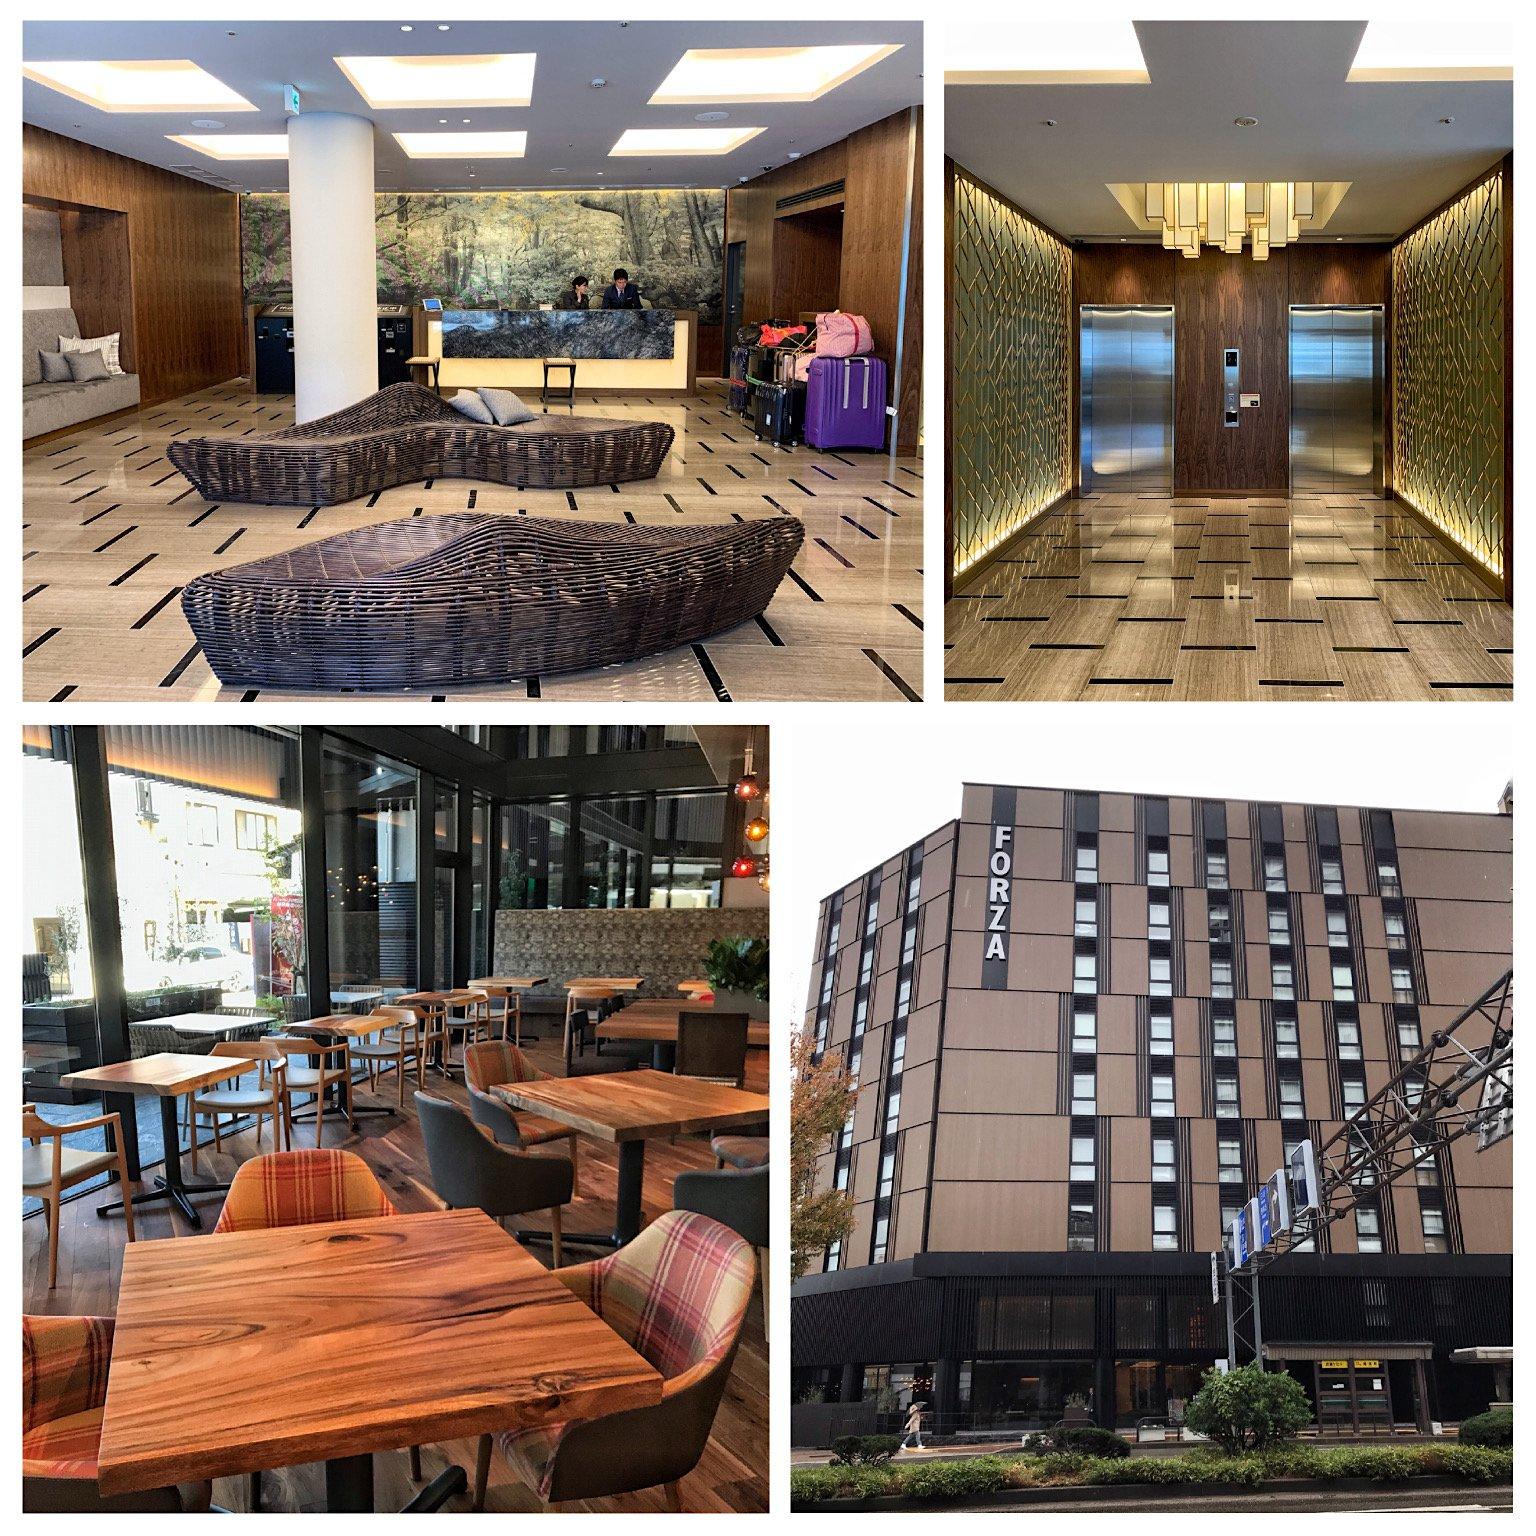 日本金澤飯店推薦 [Hotel Forza Kanazawa] 2019/10月剛開幕新飯店 ,一切都好新好漂亮!